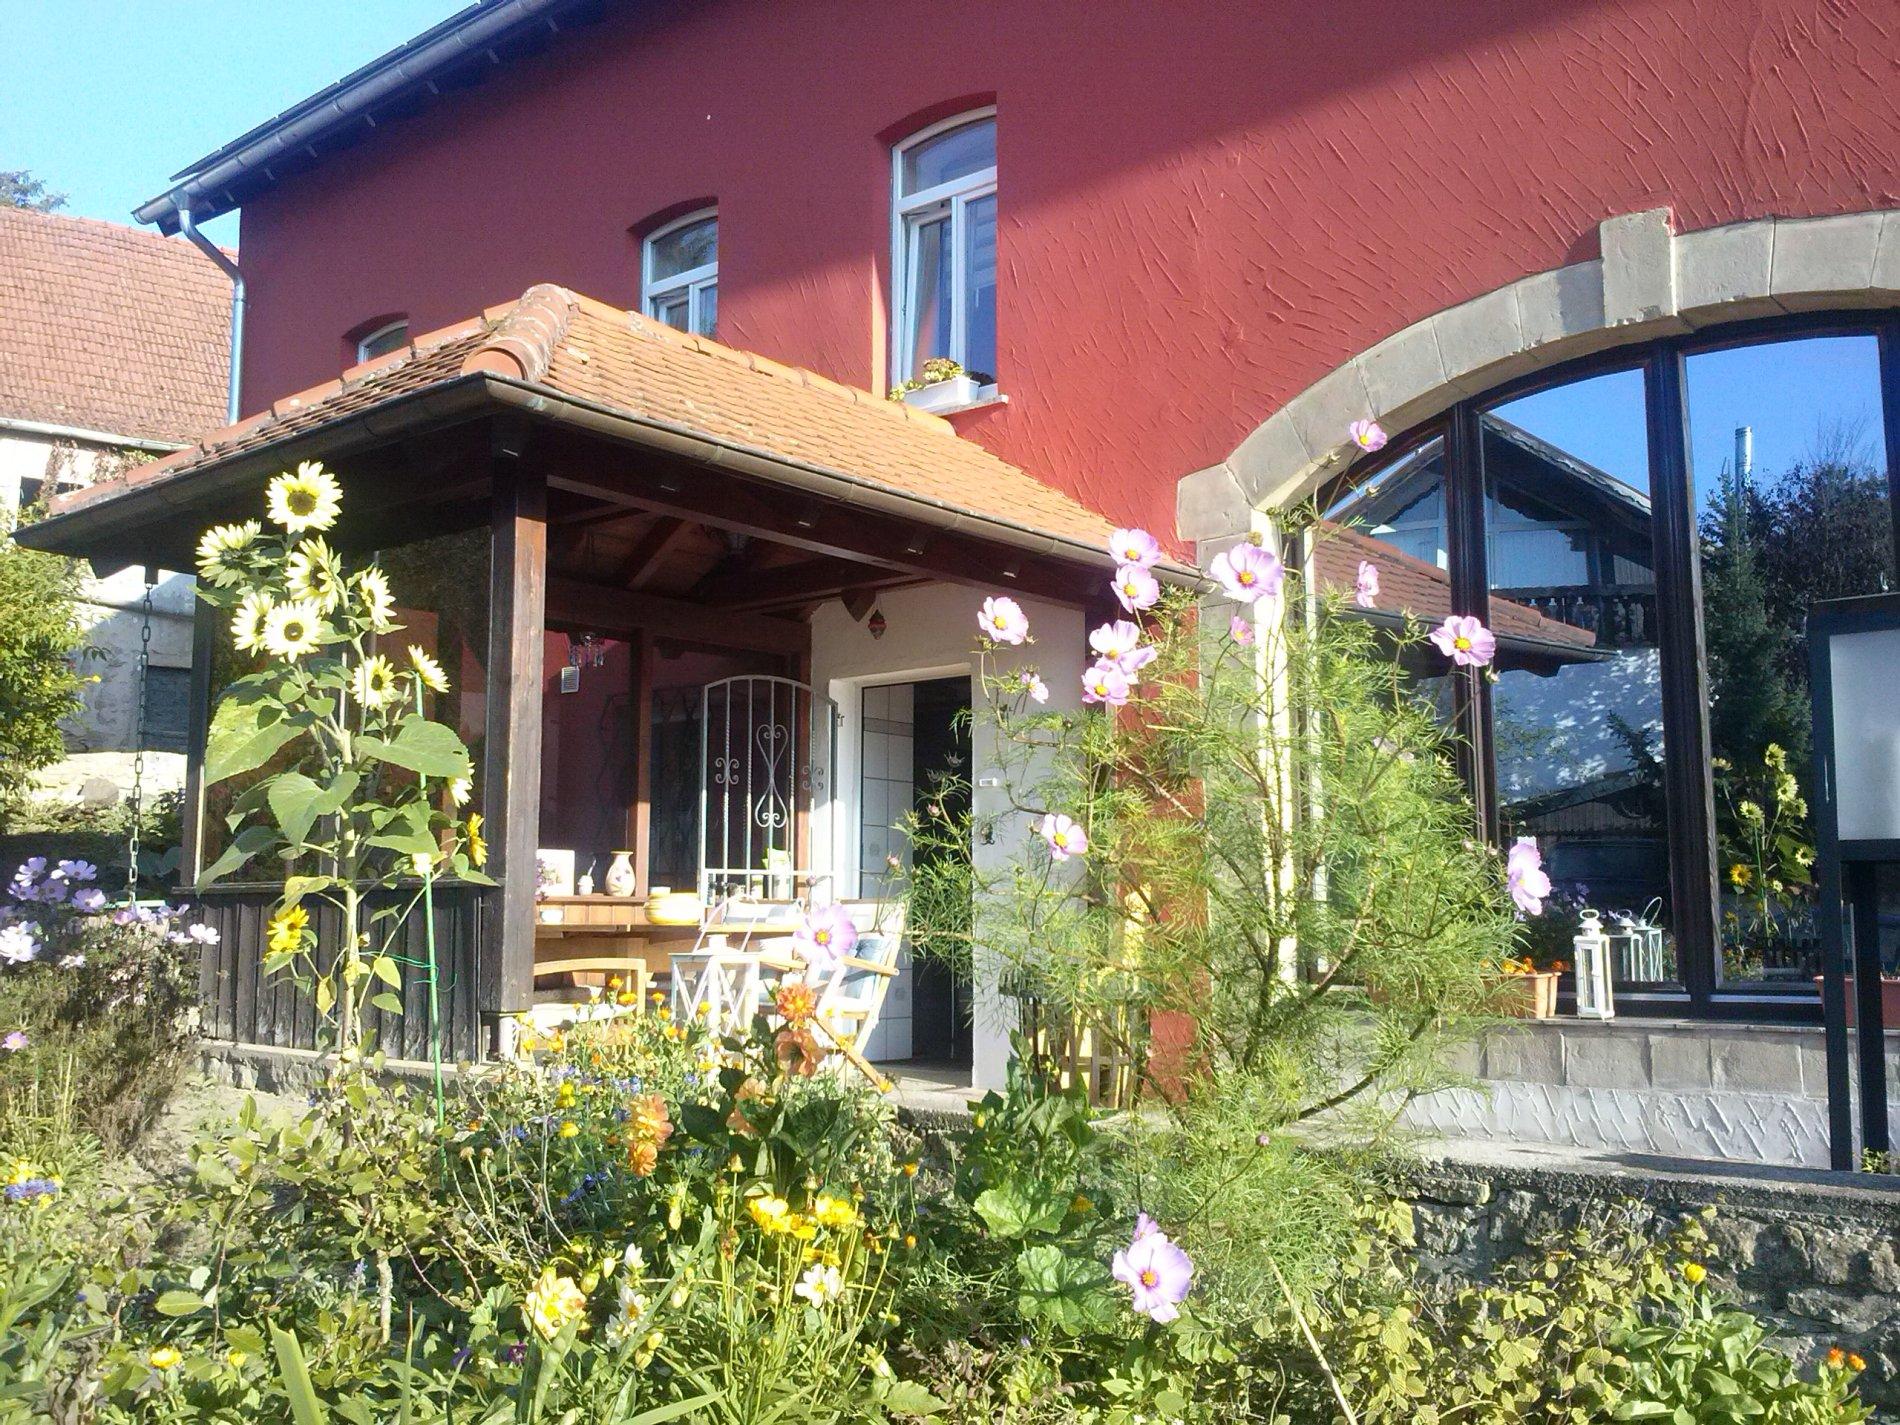 Rotes Haus mit Vordach und großem Fenster mit Terrasse und Blumen